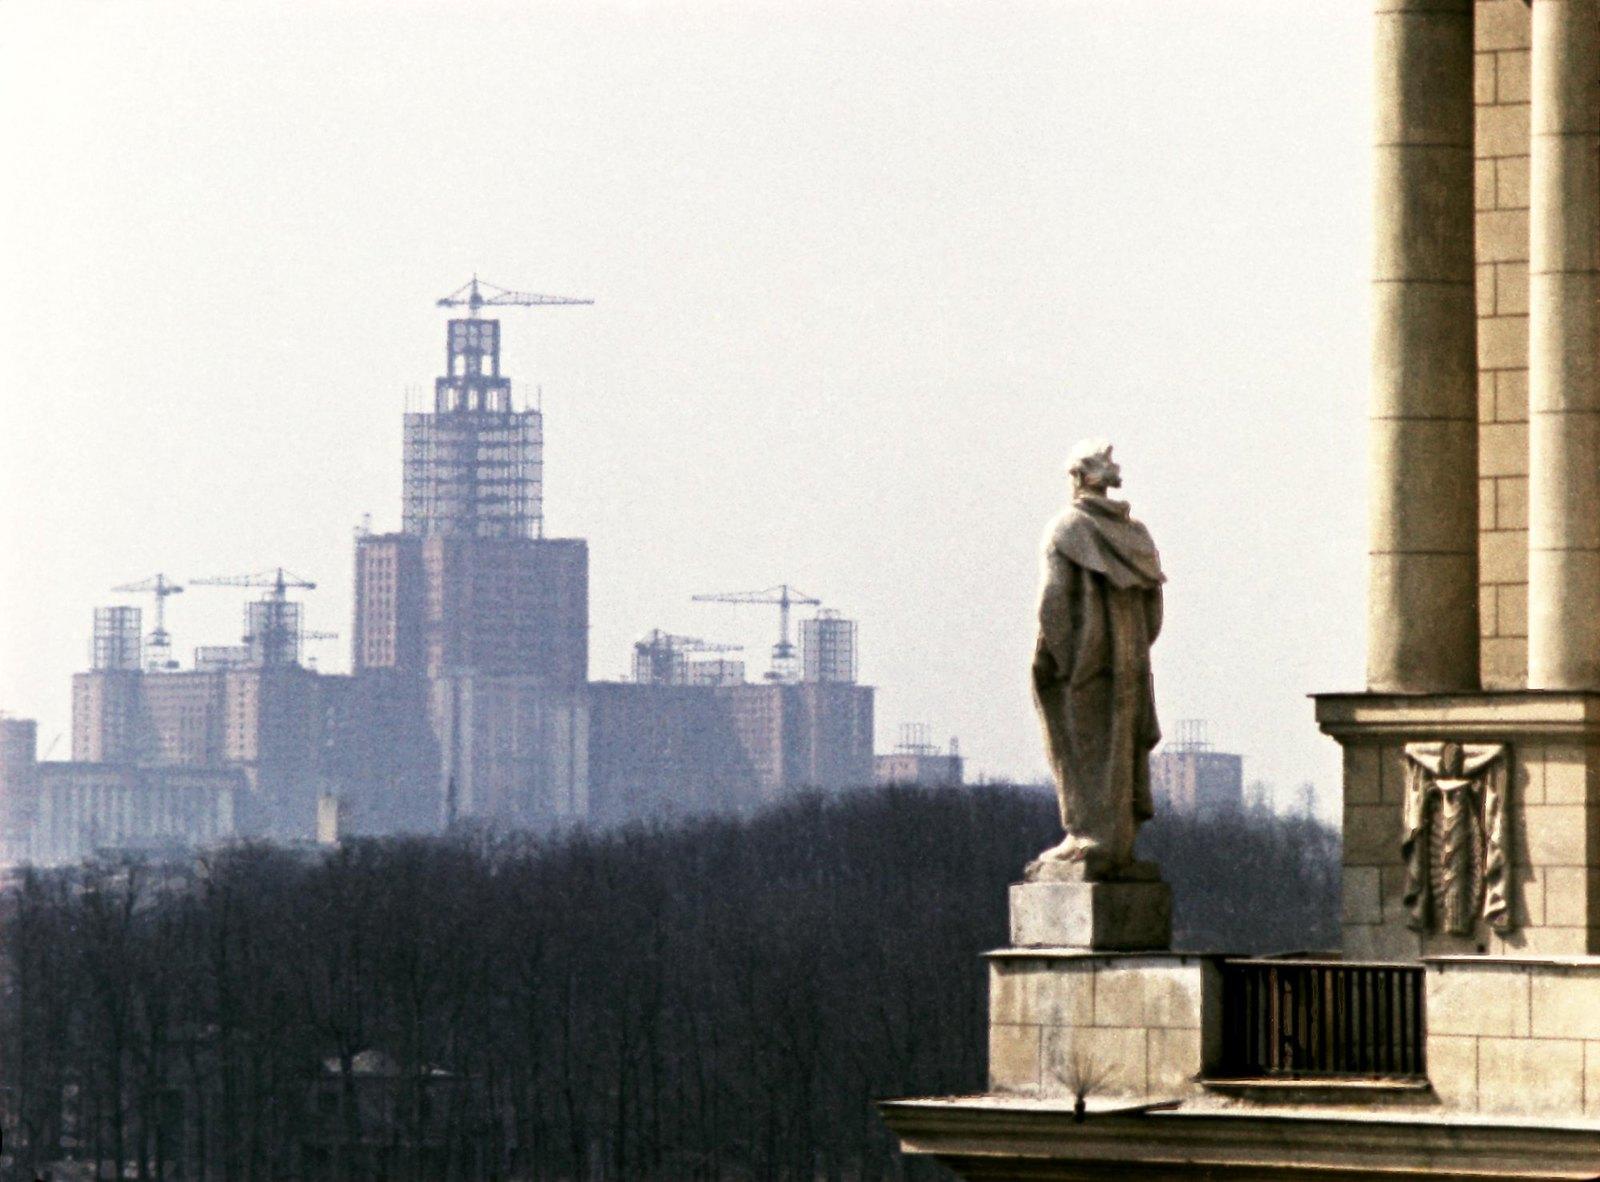 1955-1956. Строительство высотных зданий в Москве. Строительство здания Московского государственного университета им. М.В. Ломоносова.